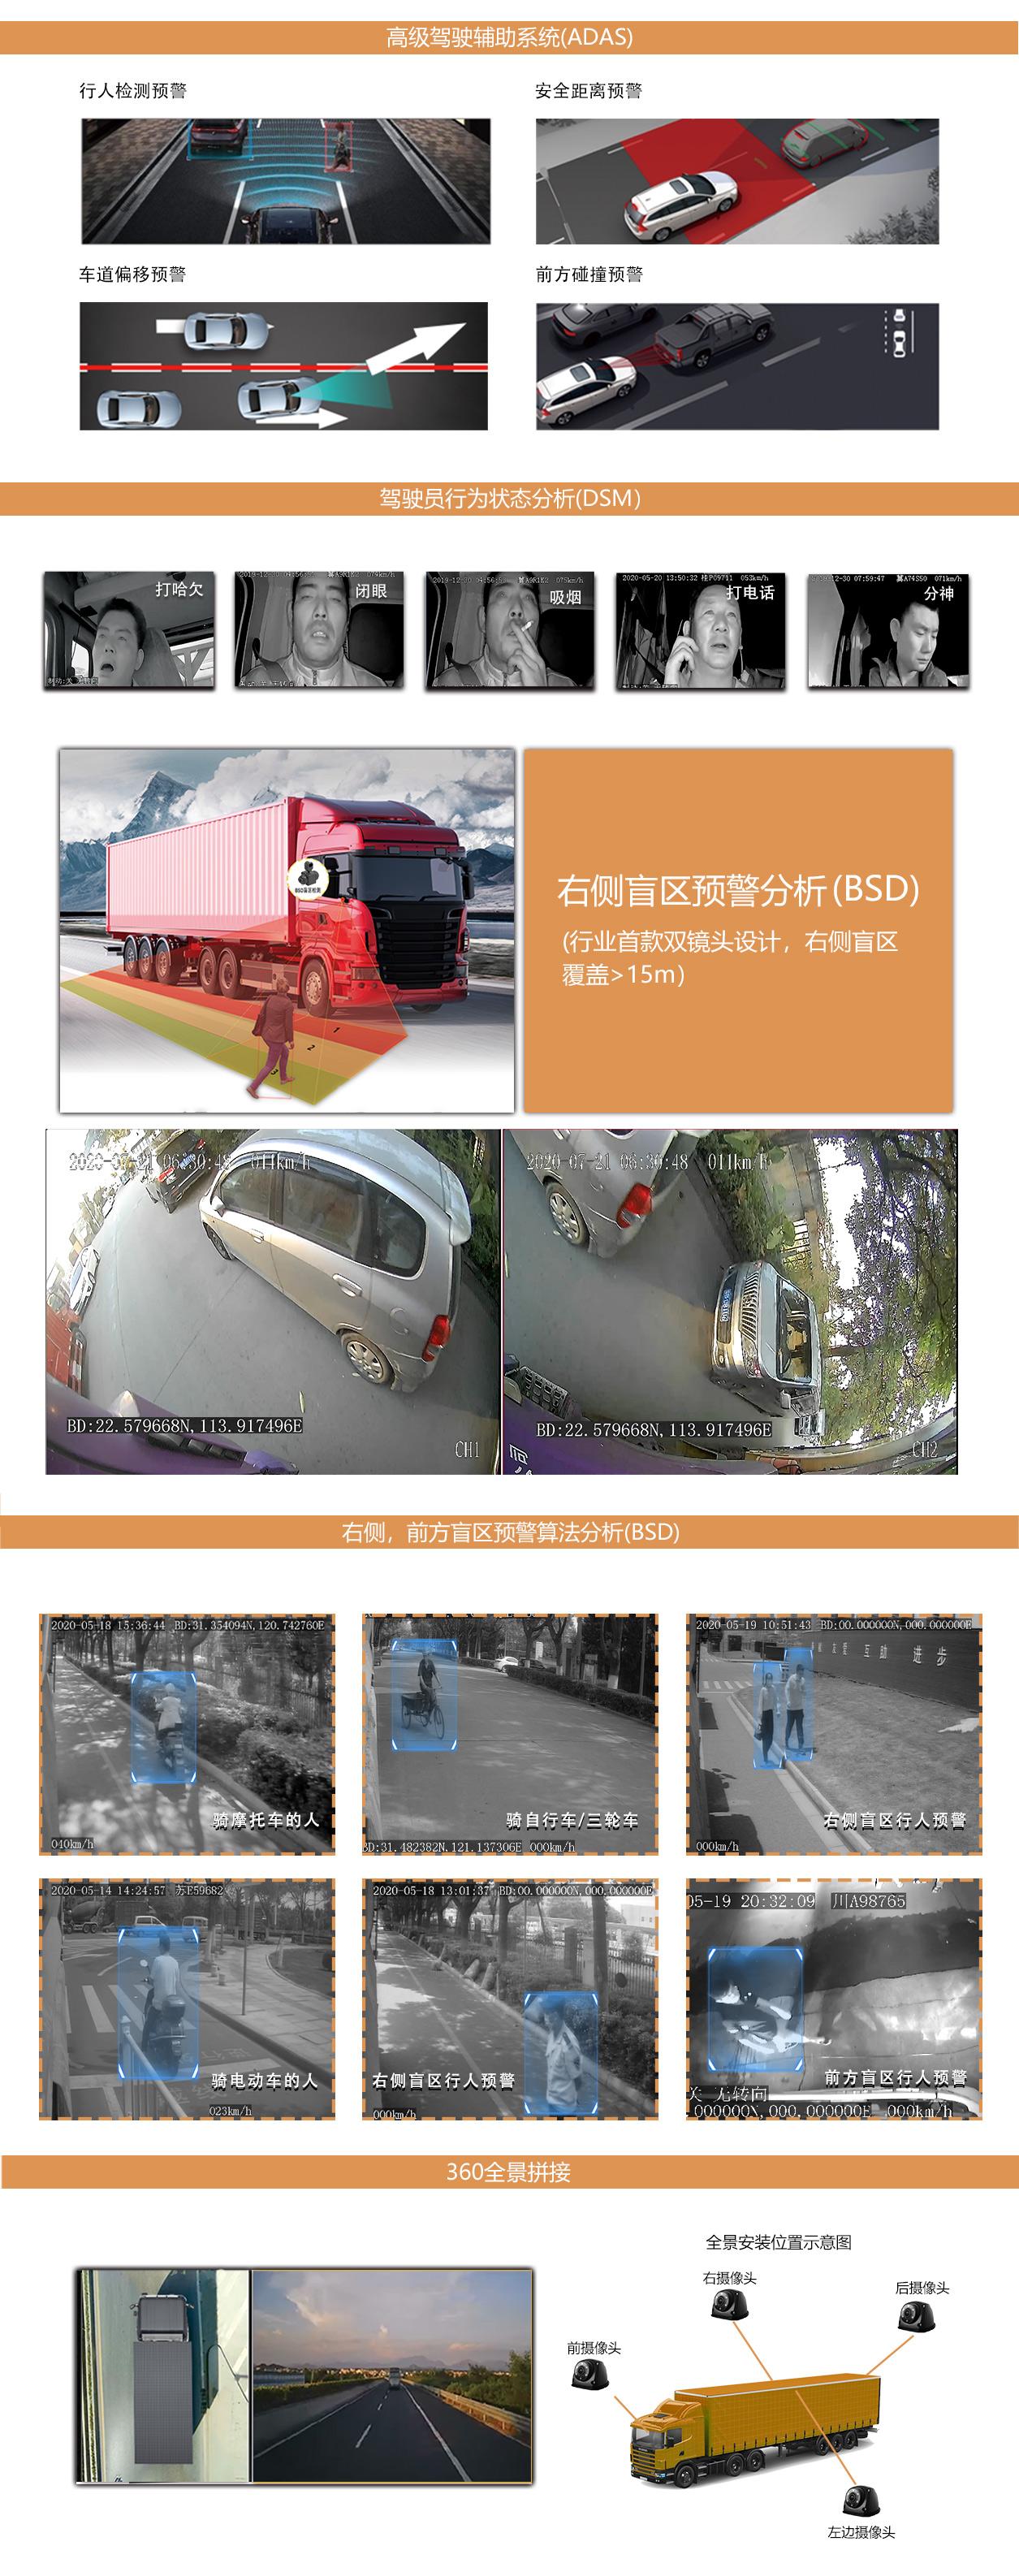 8路高清车载SD录像机 车载主动安全智能防控终端  第2张